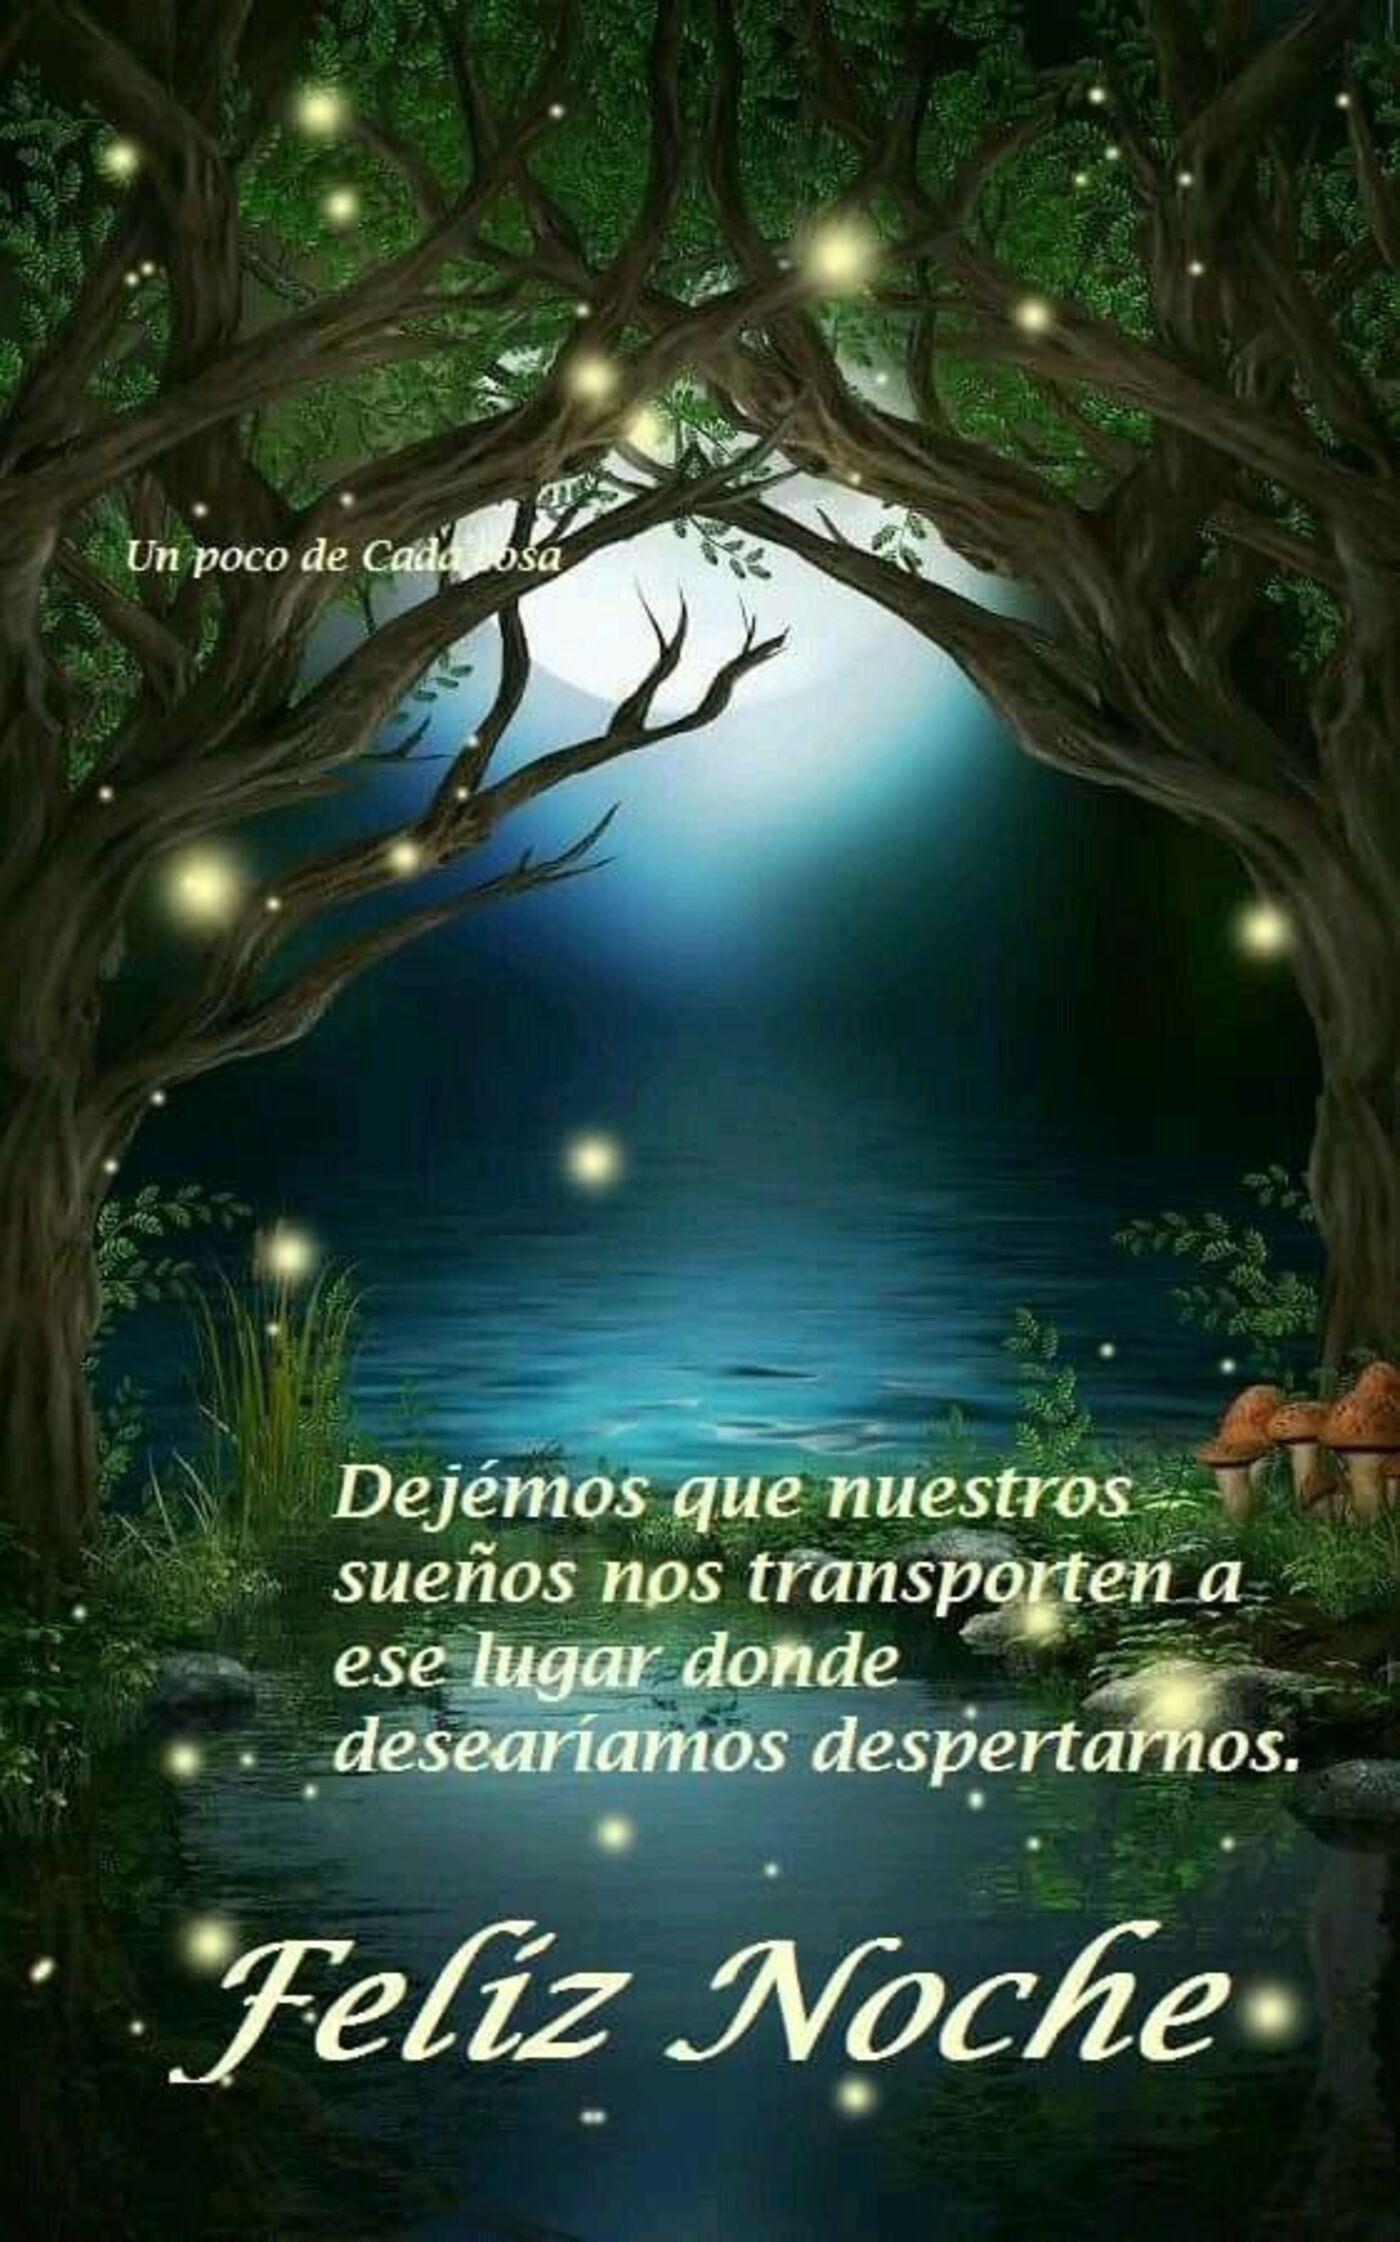 Dejemos que nuestros sueños no transporten a ese lugar donde desearíamos despertarnos...Feliz noche